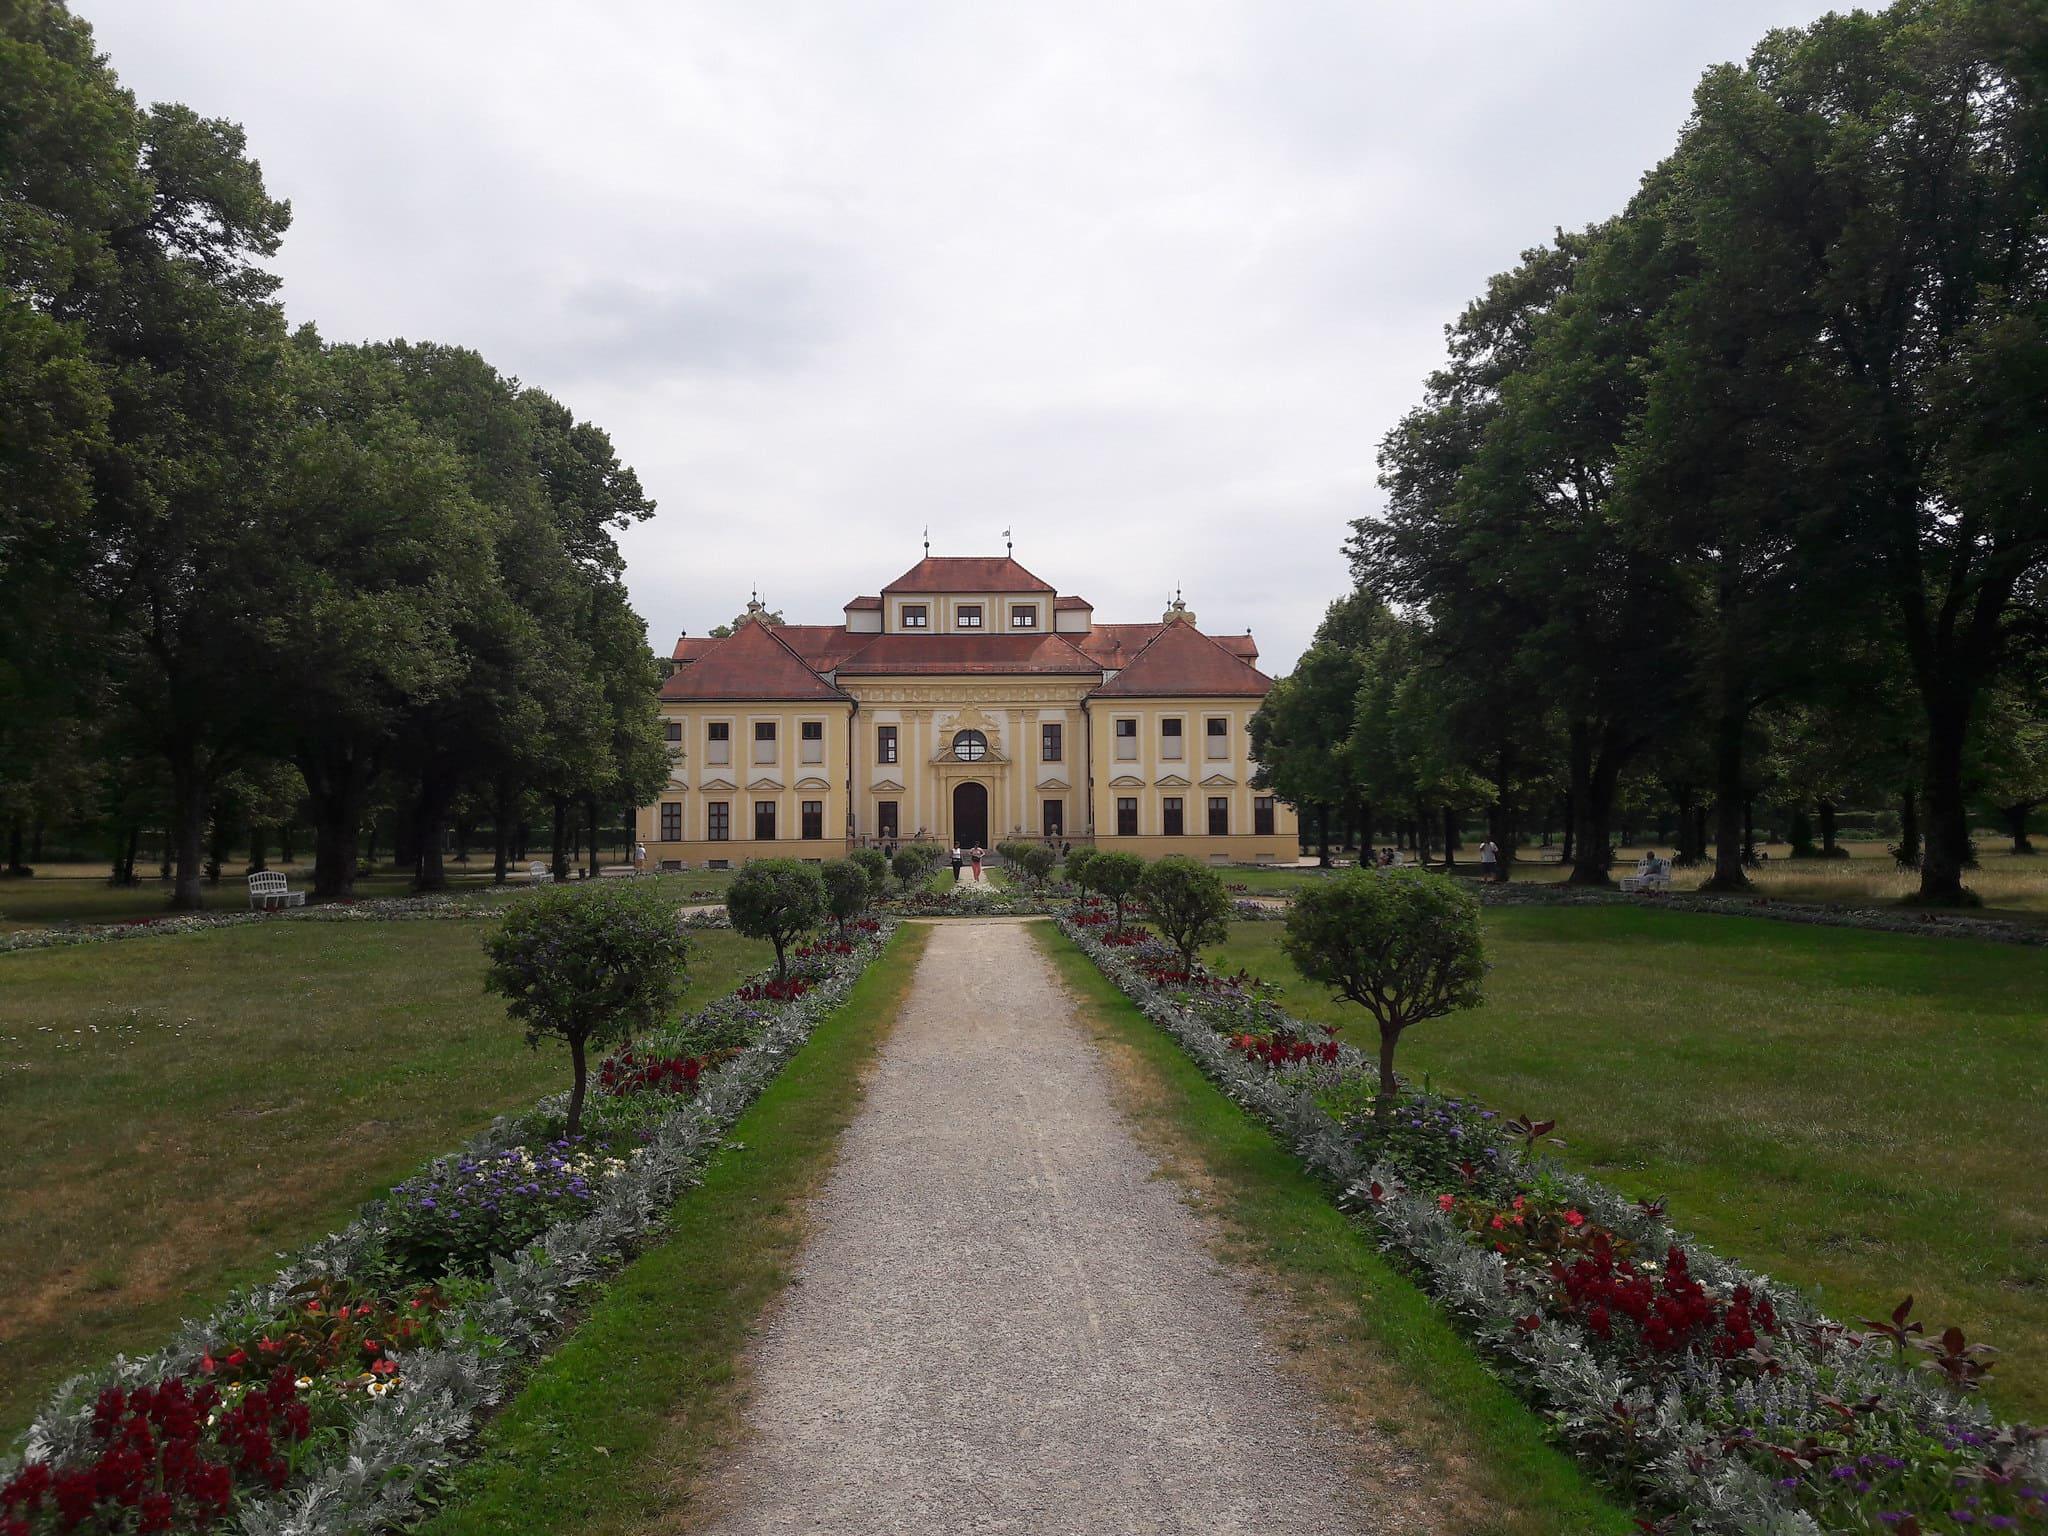 Schleissheim